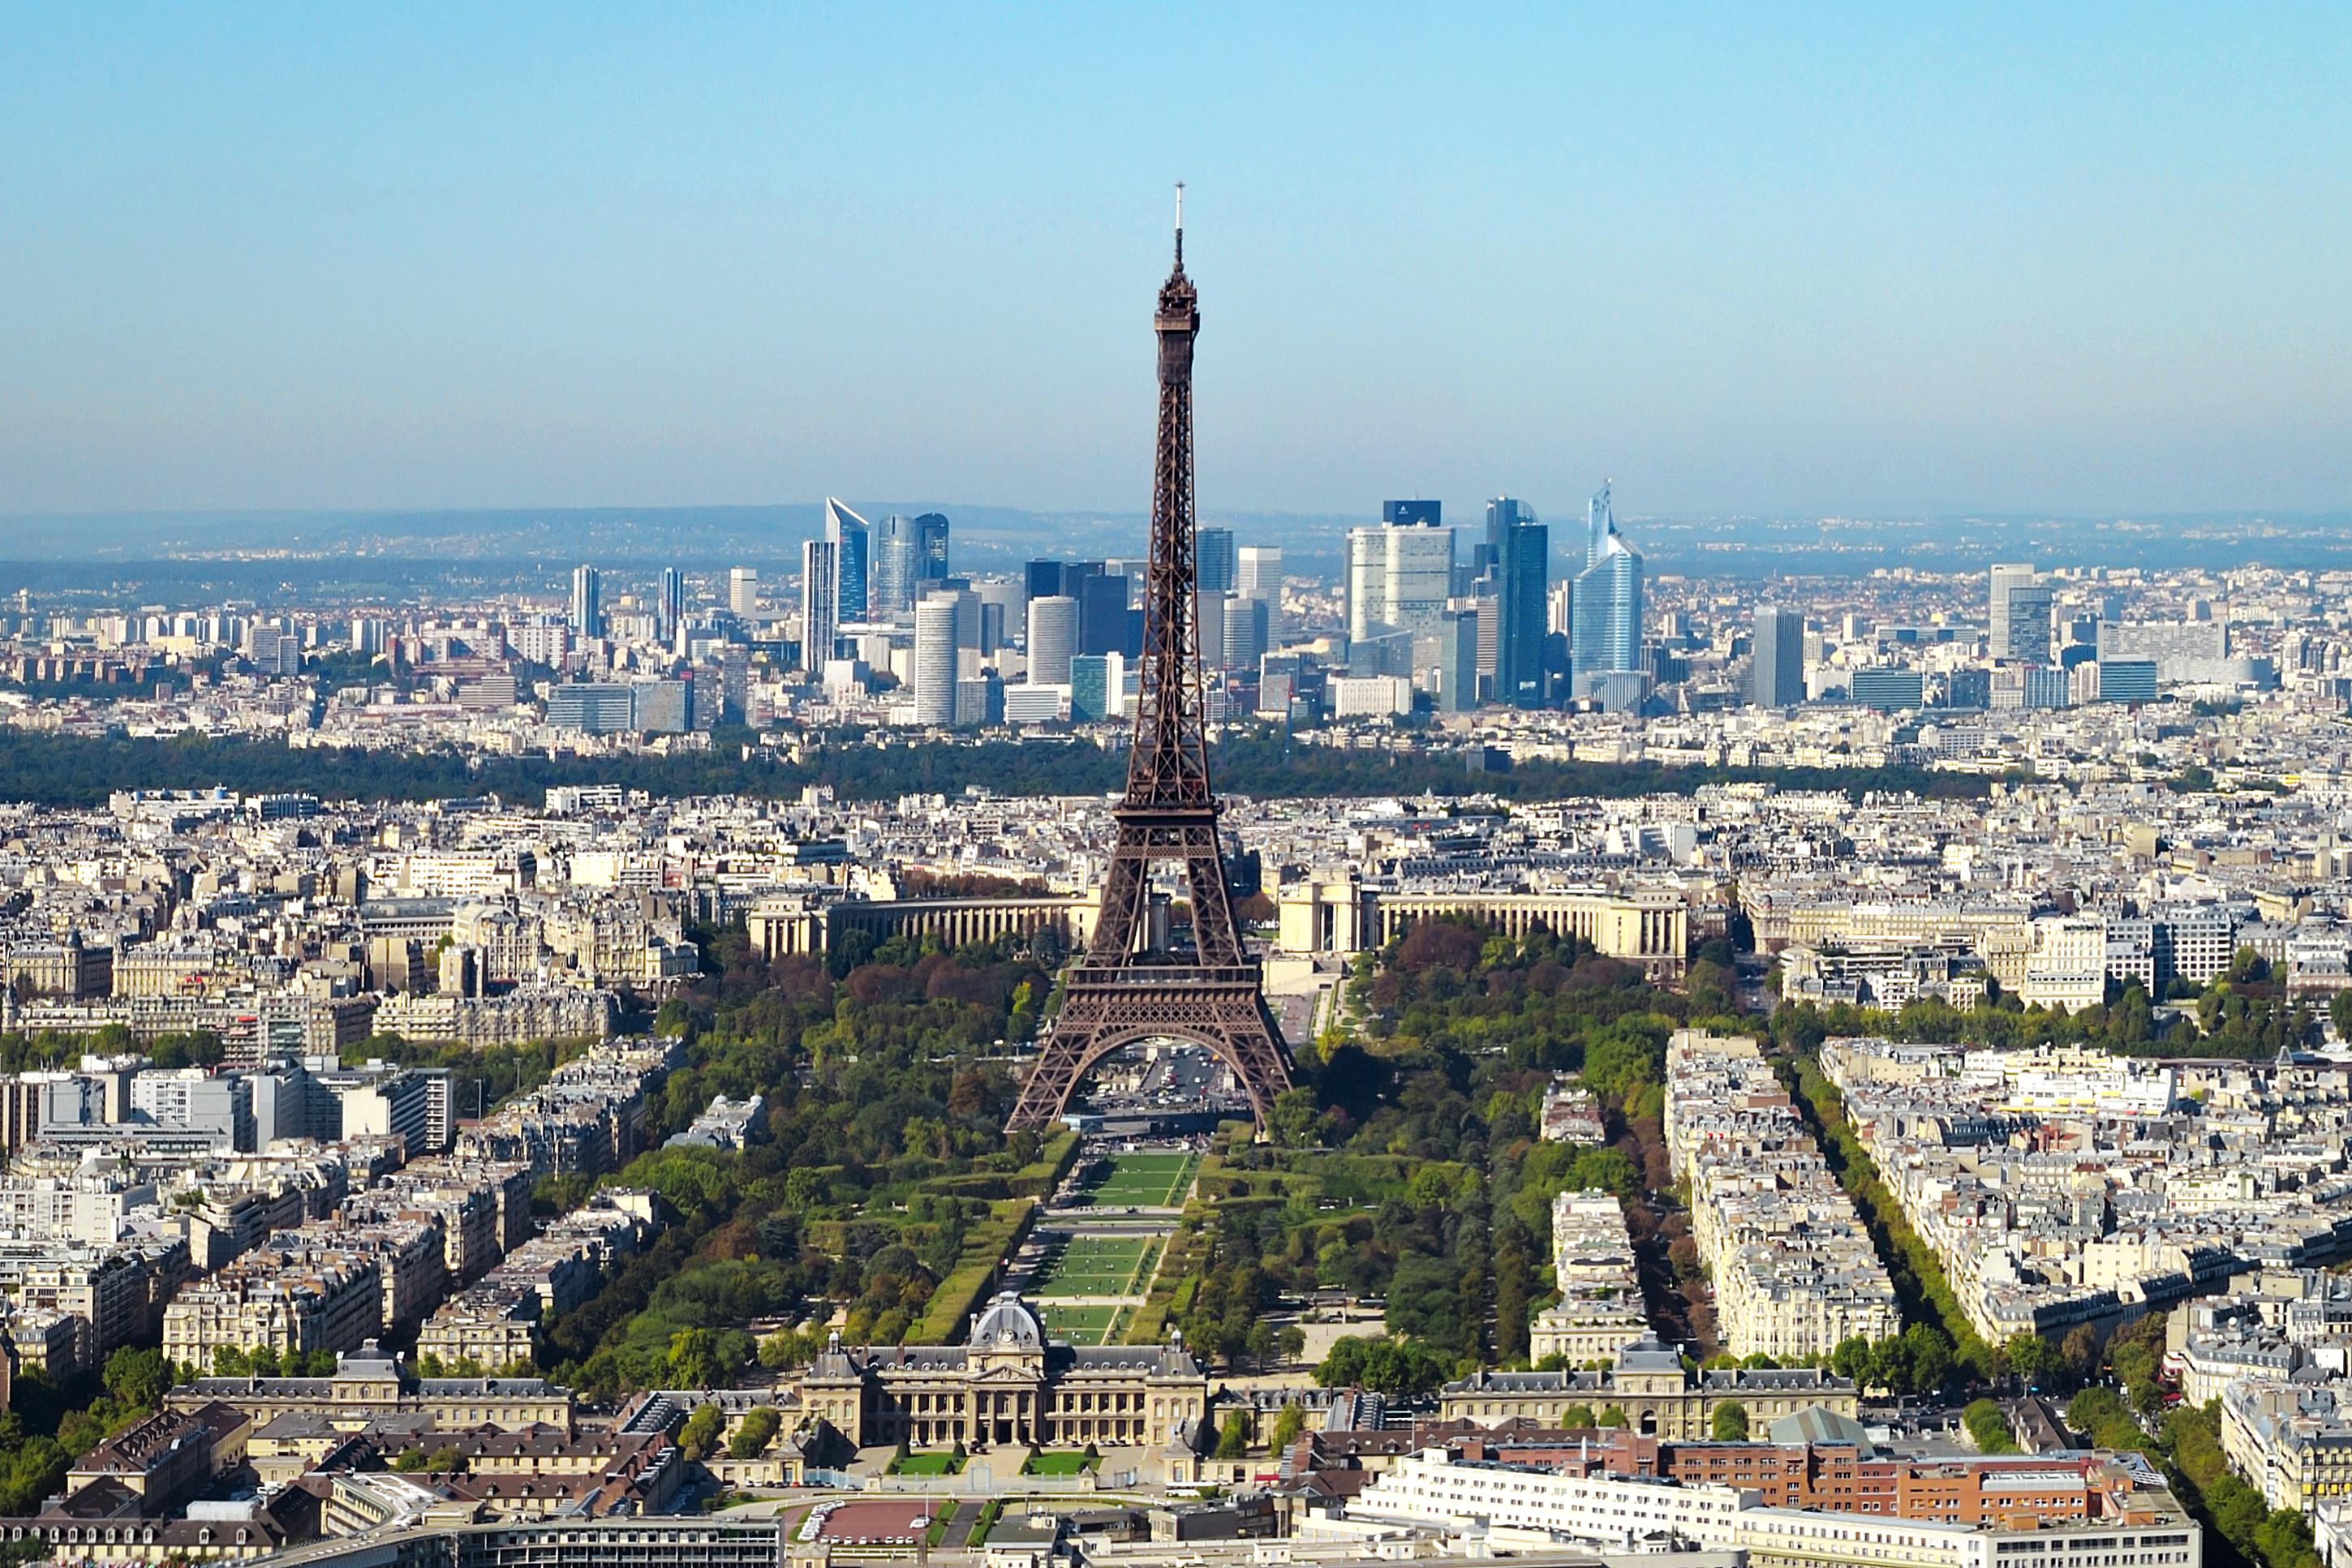 MyFrenchLife™ – MyFrenchLife.org - Carolyne Lee - Paris - Eiffel Tower